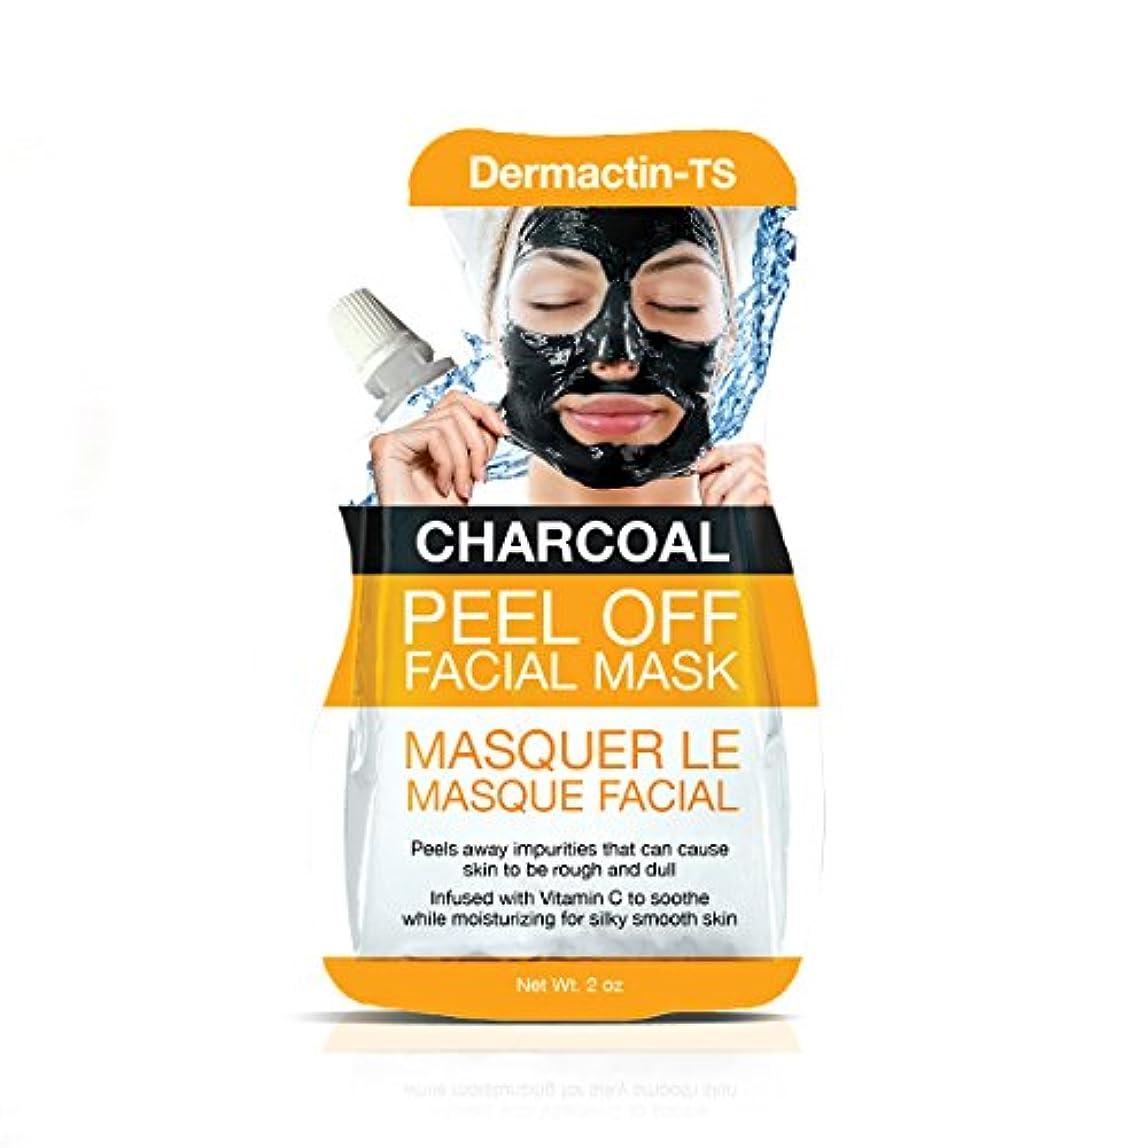 マスク一般化する信念Dermactin-TS フェイシャルマスクチャコール50g(4パック) (並行輸入品)